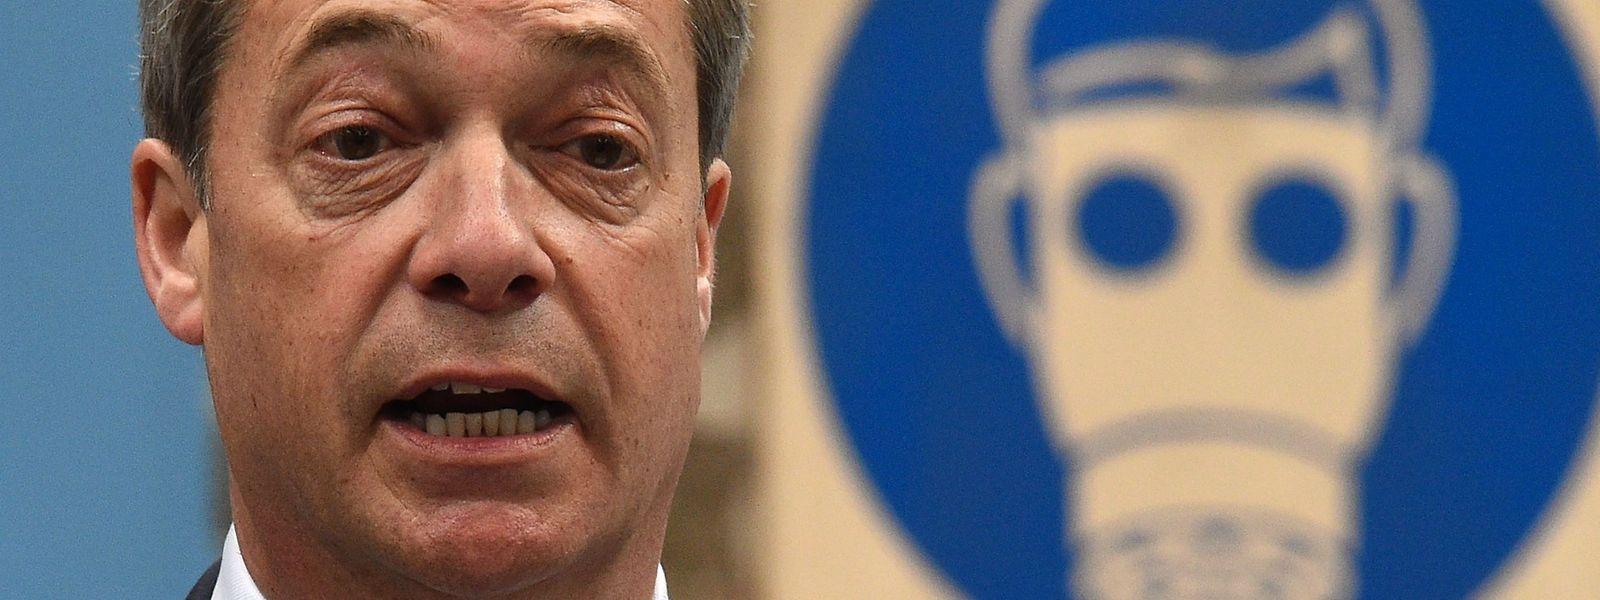 Nigel Farage rechnet damit, dass seine Brexit Party die EU-Wahl gewinnen könne.